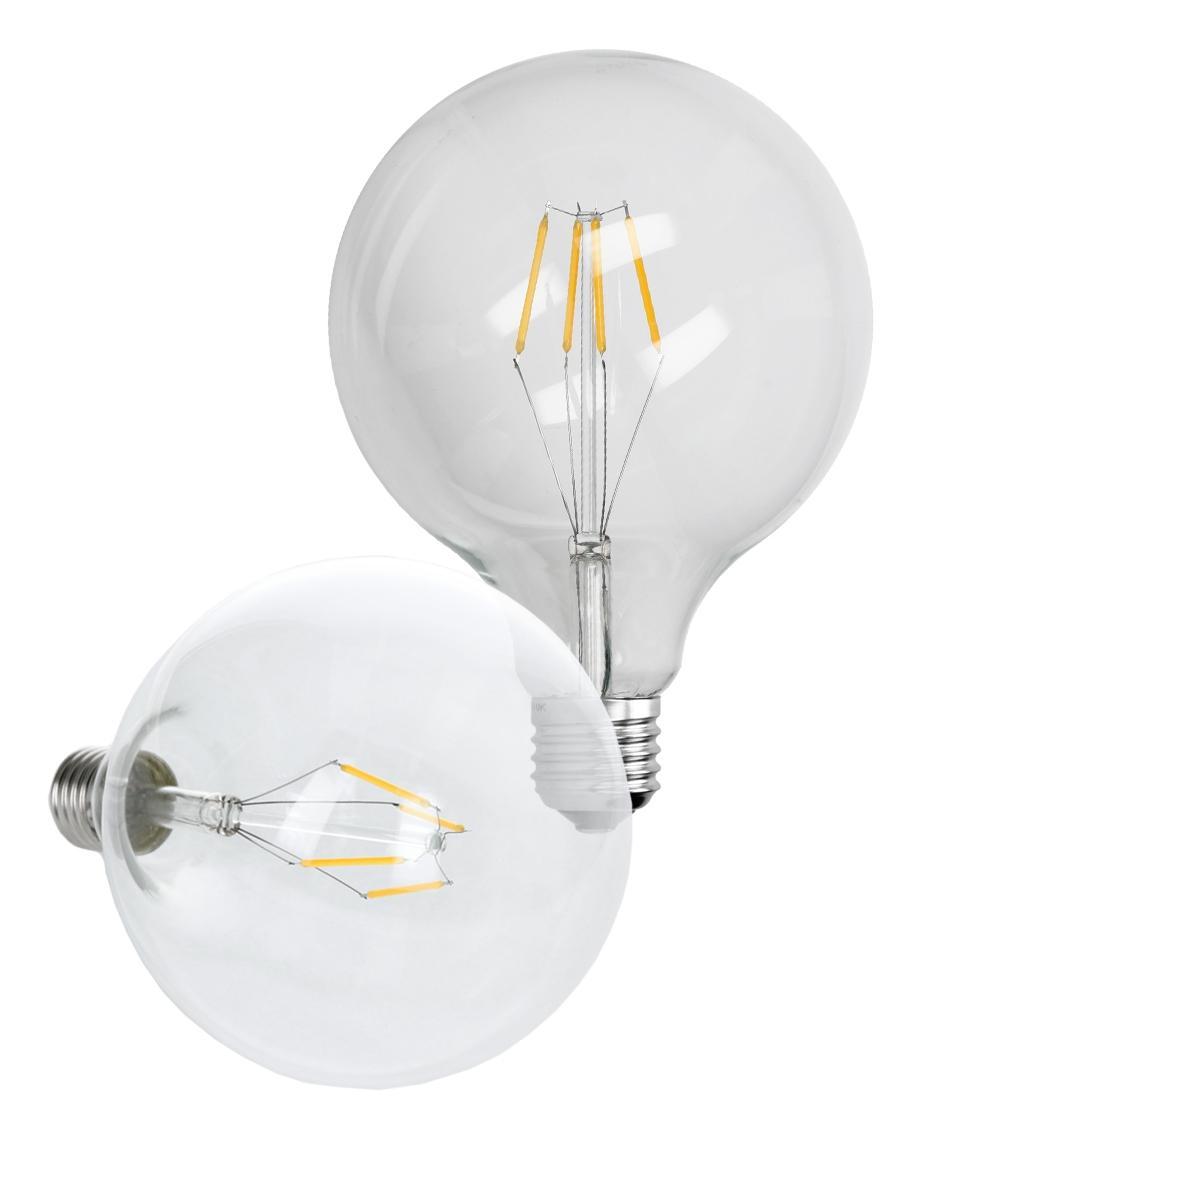 Ecd Germany 5 x ampoule LED à gros filament E27 4W 125 mm blanc chaud